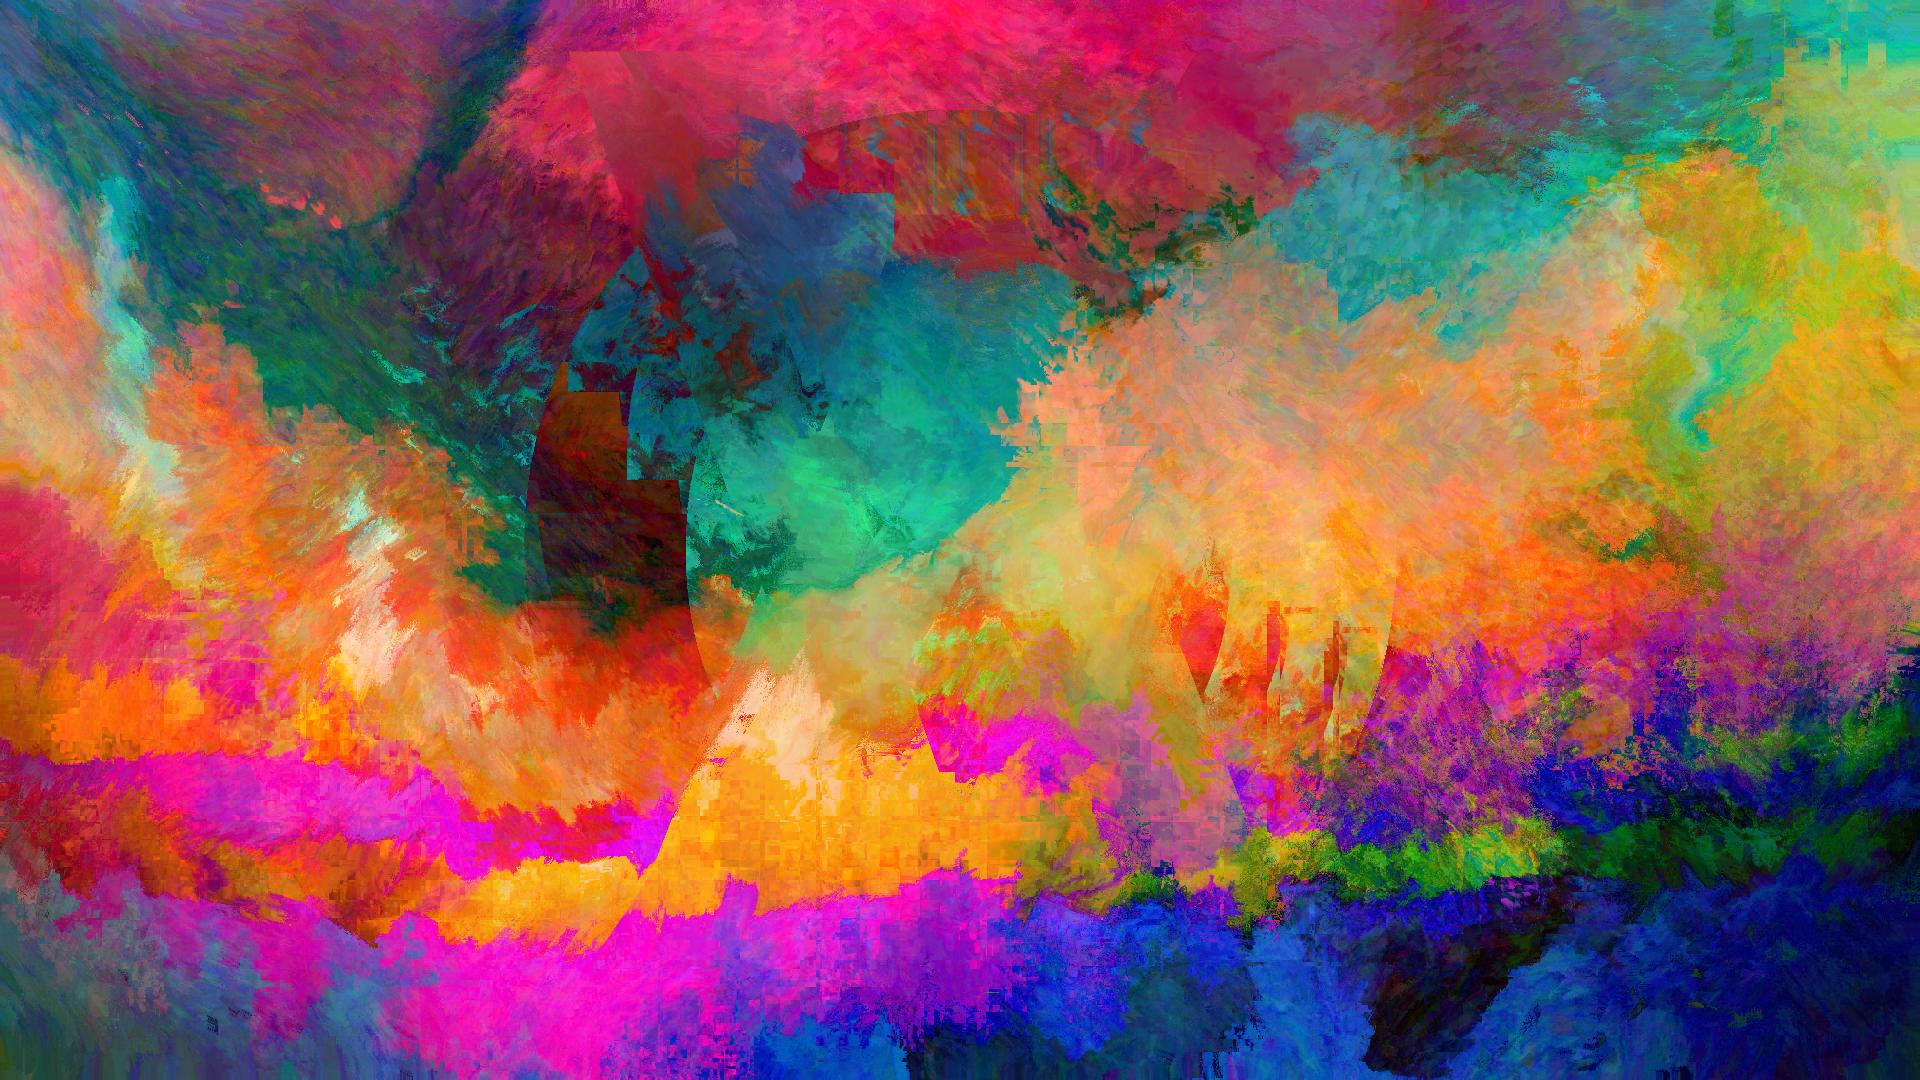 Wallpaper Lukisan Abstrak Art Kesalahan Lsd Tekstur